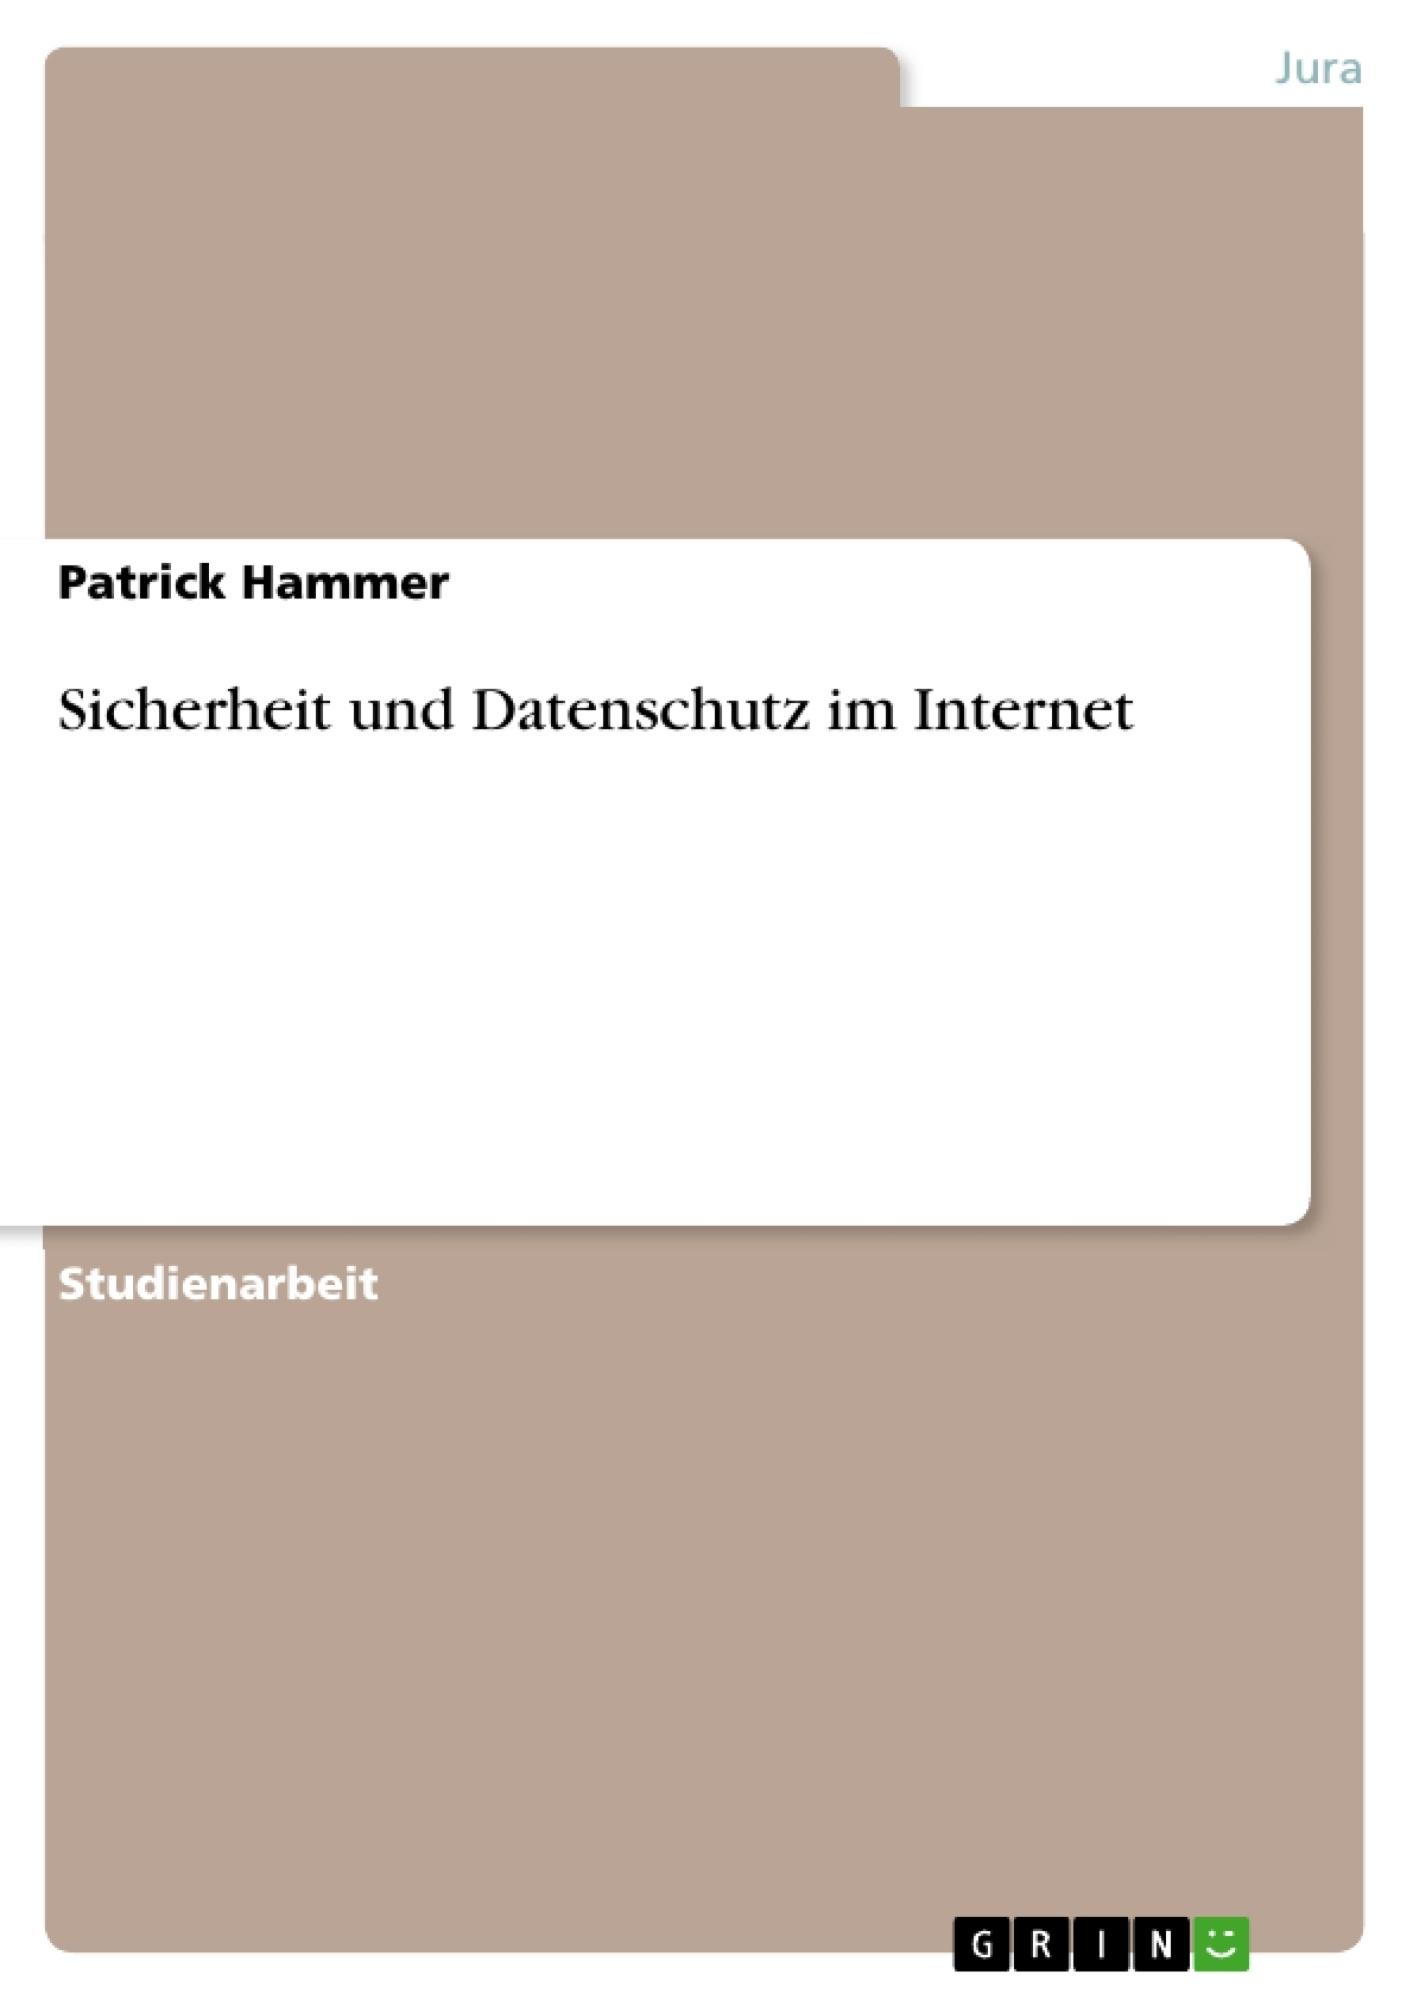 Titel: Sicherheit und Datenschutz im Internet